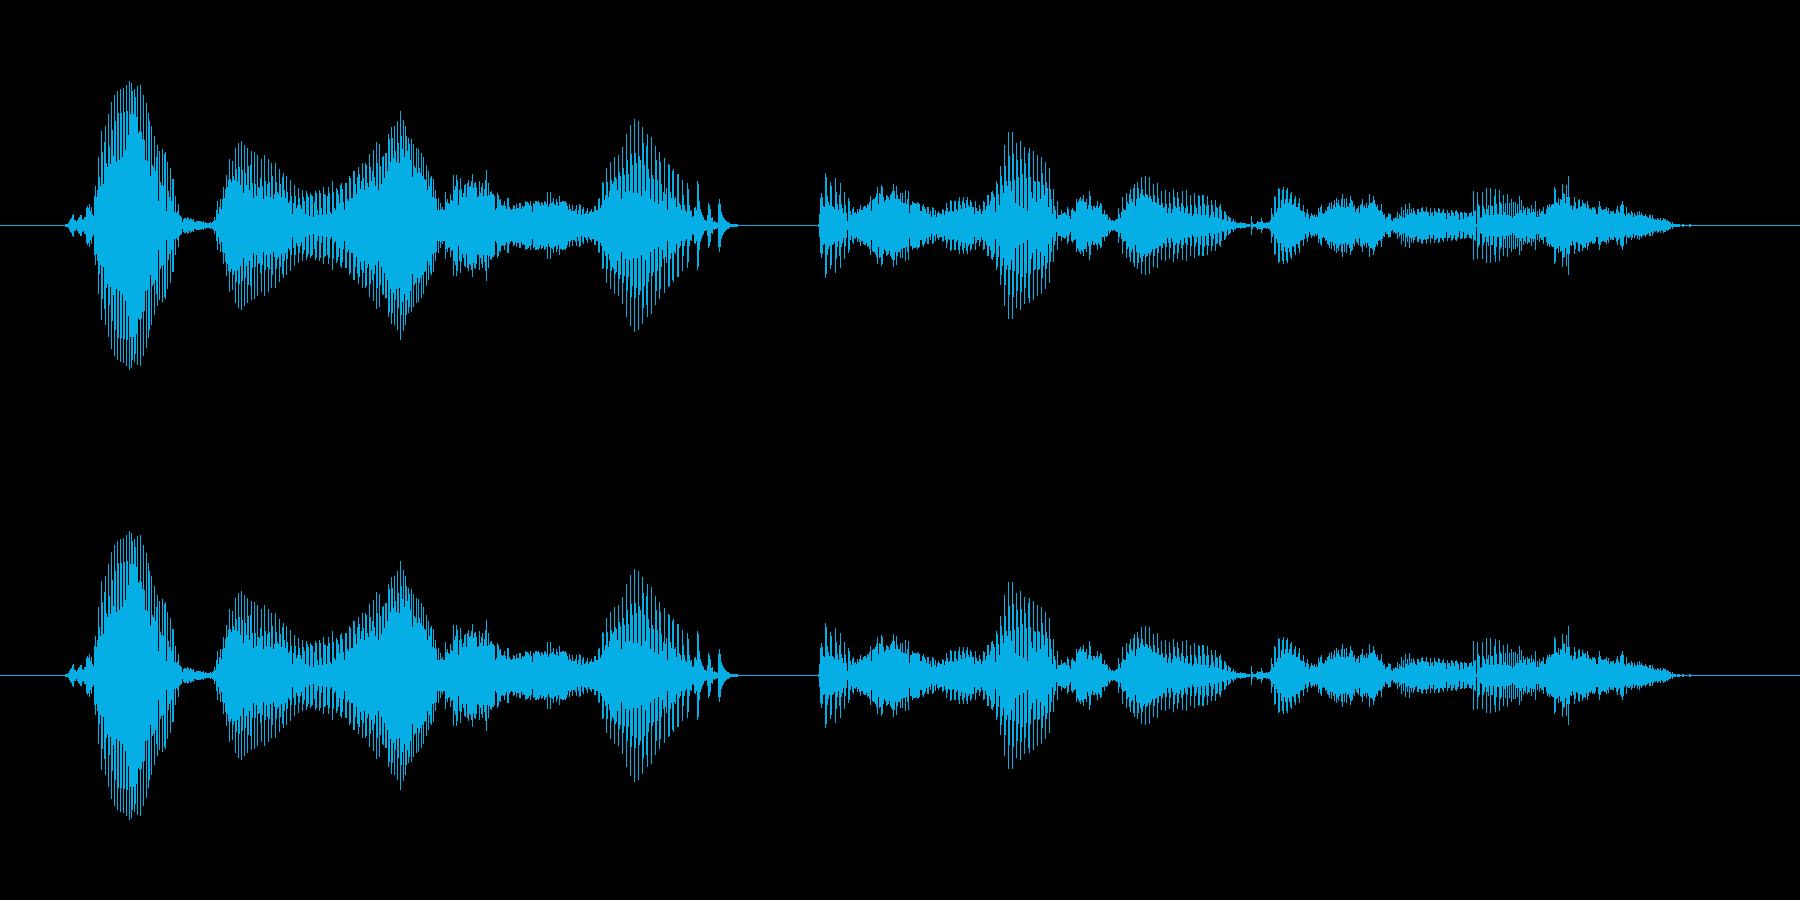 【時報・時間】午後4時を、お知らせいた…の再生済みの波形